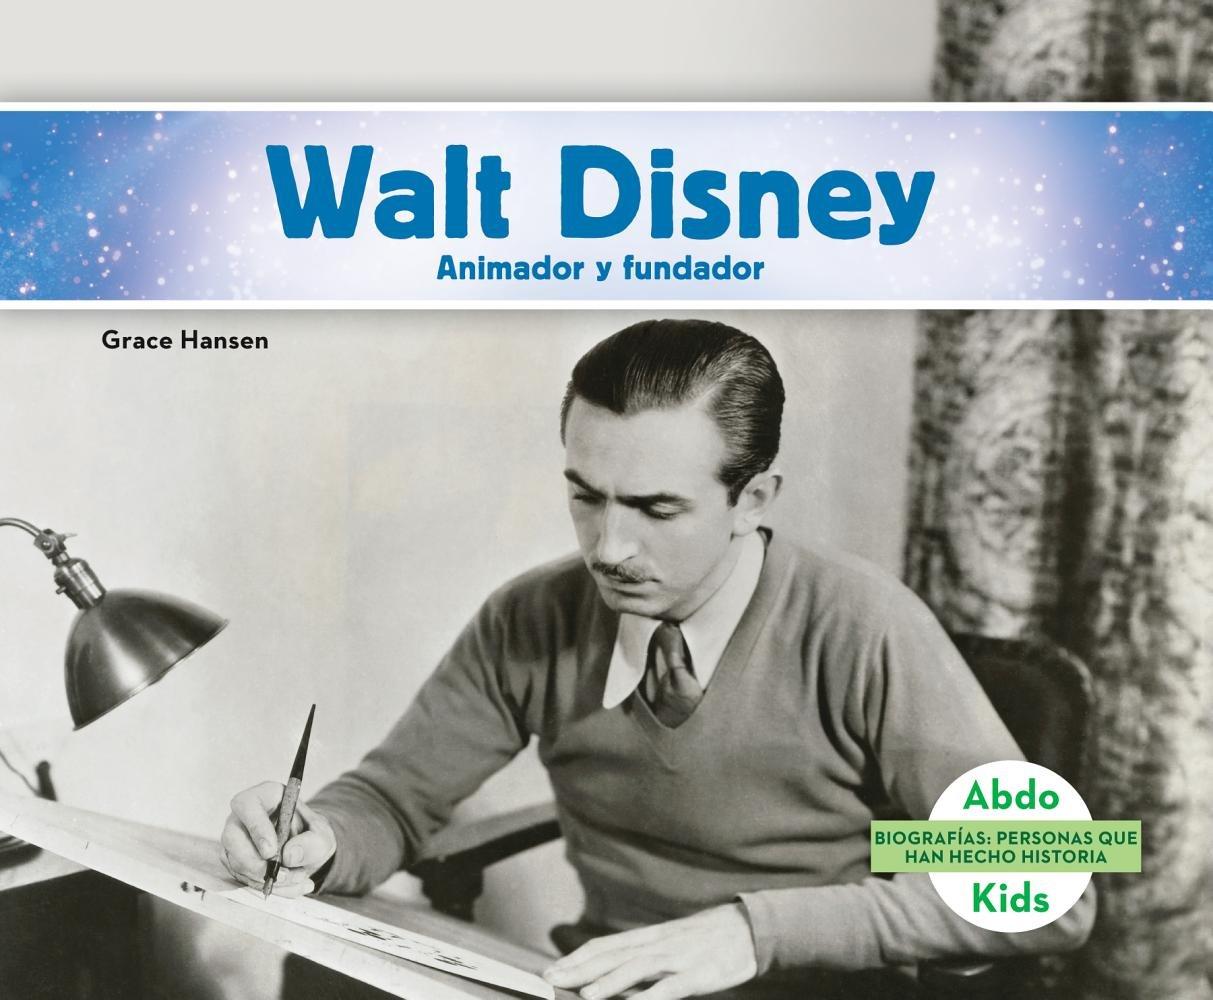 Walt Disney: Animador Y Fundador/Animator & Founder (Biografias: Personas Que Han Hecho Historia/History Maker Biographies) (Spanish Edition)